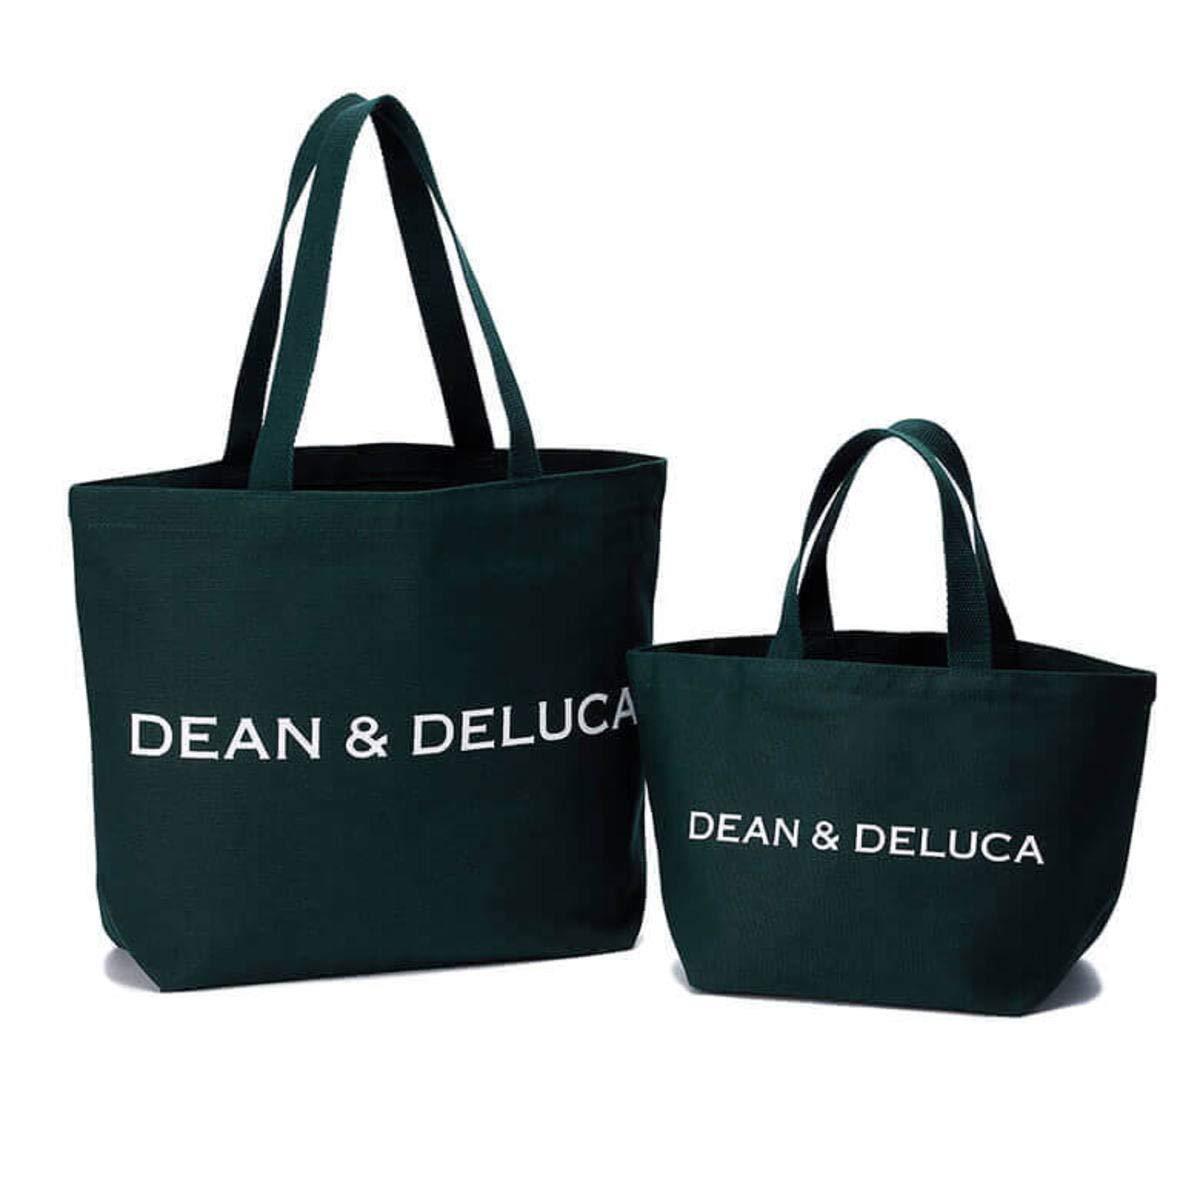 DEAN&DELUCAのエコバッグ